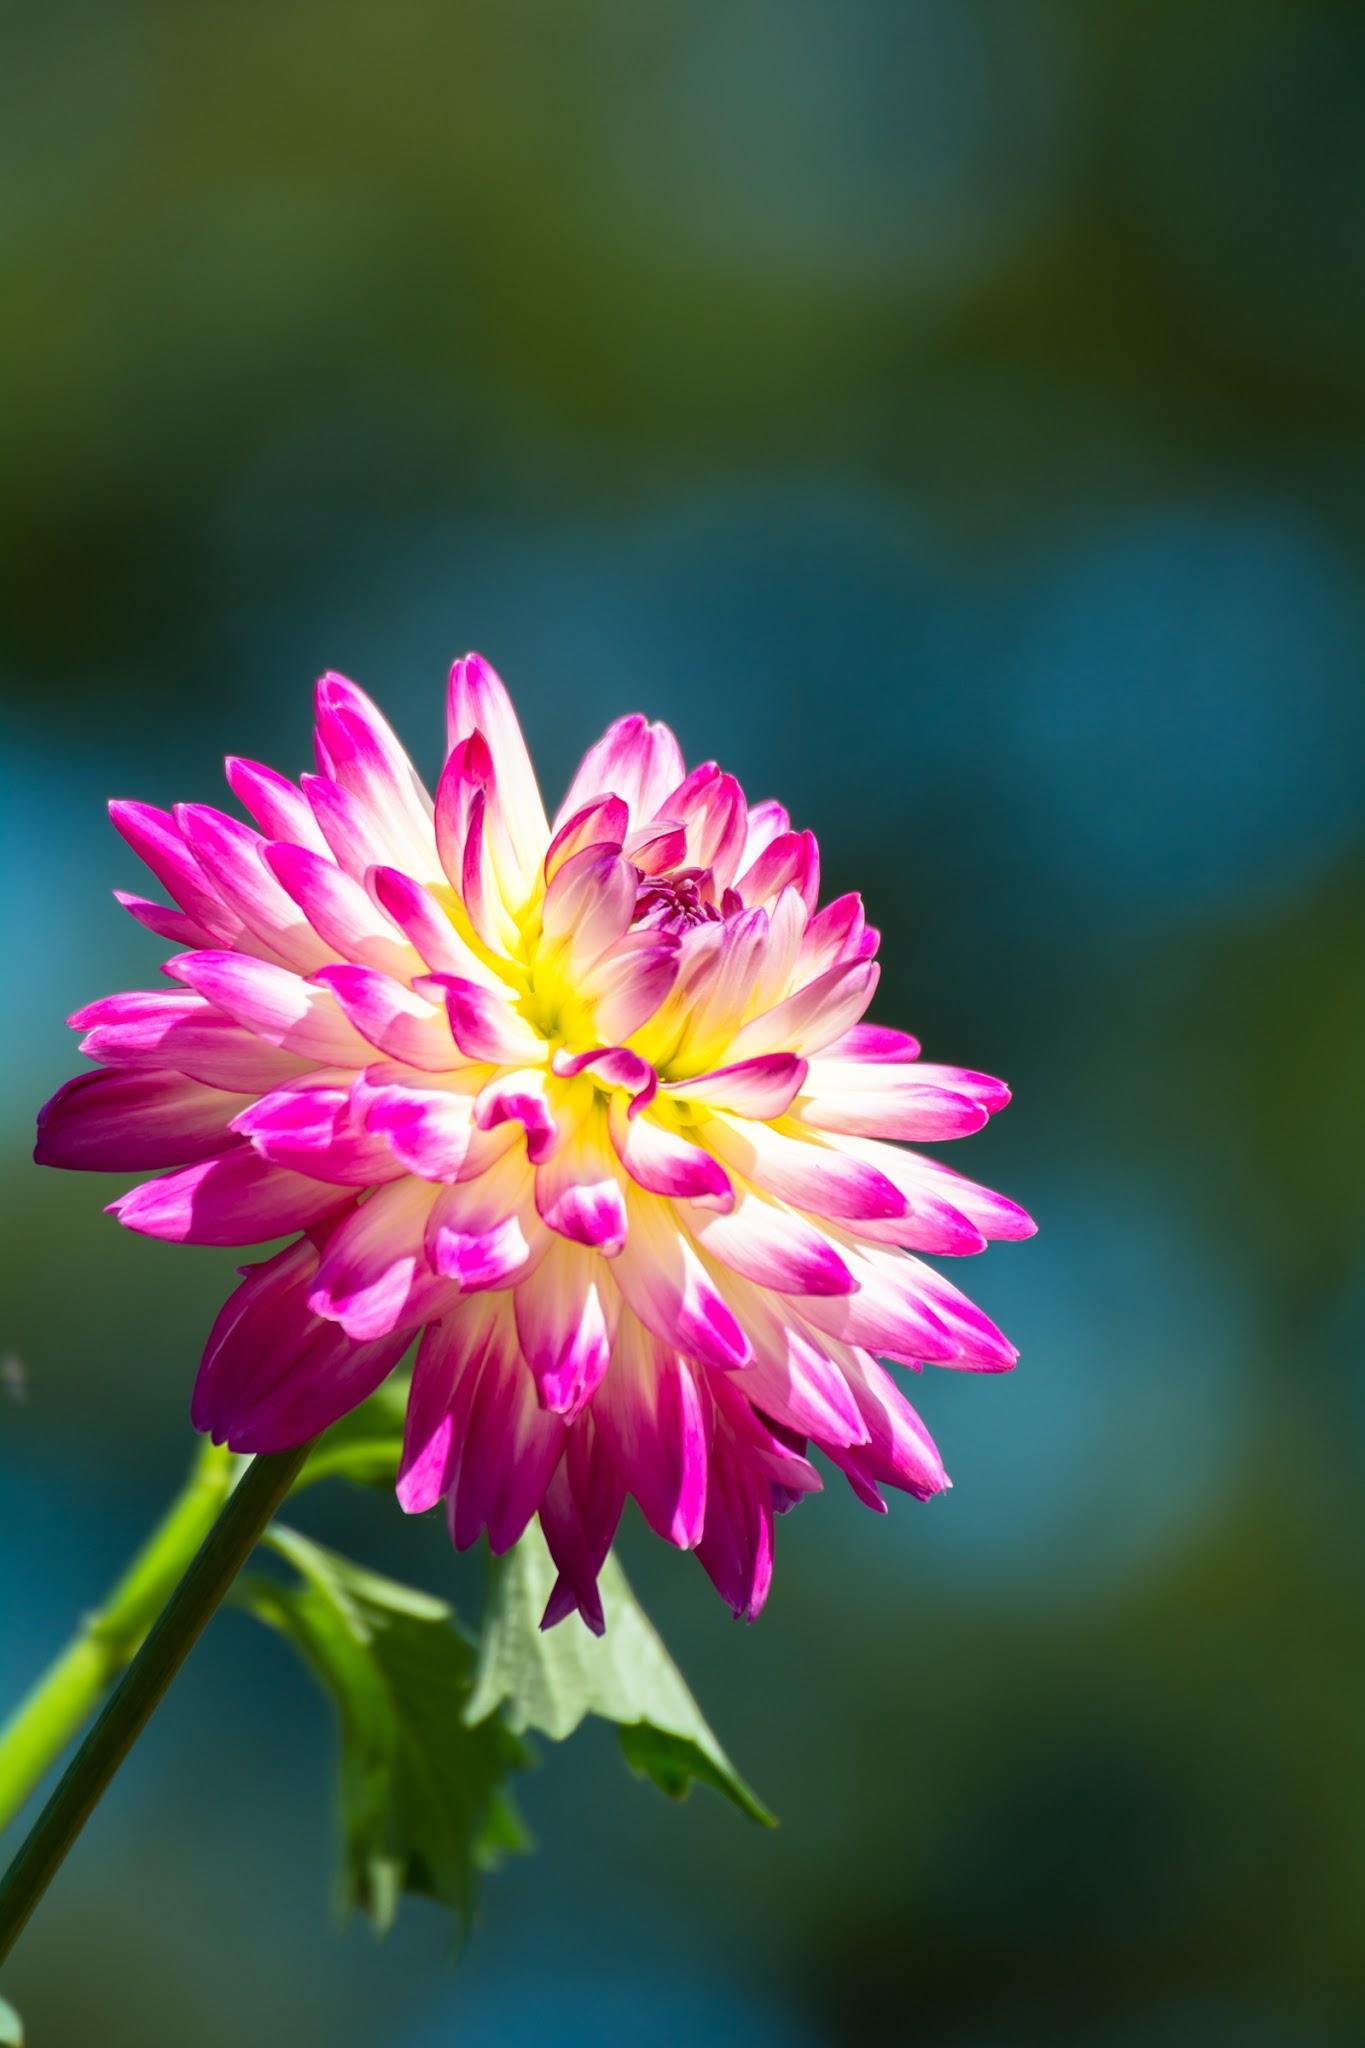 Photo: 華やかな輝きを浮かべ elegant shine.  赤や黄色やピンク 鮮やかな色で出迎えてくれたダリア 自ら光りを放つかのように きらきらと 華やかな輝きを浮かべ  Photo of dahlia. (神代植物公園のダリア) Nikon D7100 SIGMA APO 50-500mm F5-6.3 DG OS HSM #cooljapan #100tokyo #東京フォト #tokyophoto (5枚追加:Added 5 photo) 5枚目はおまけで神代植物公園の彼岸花です。